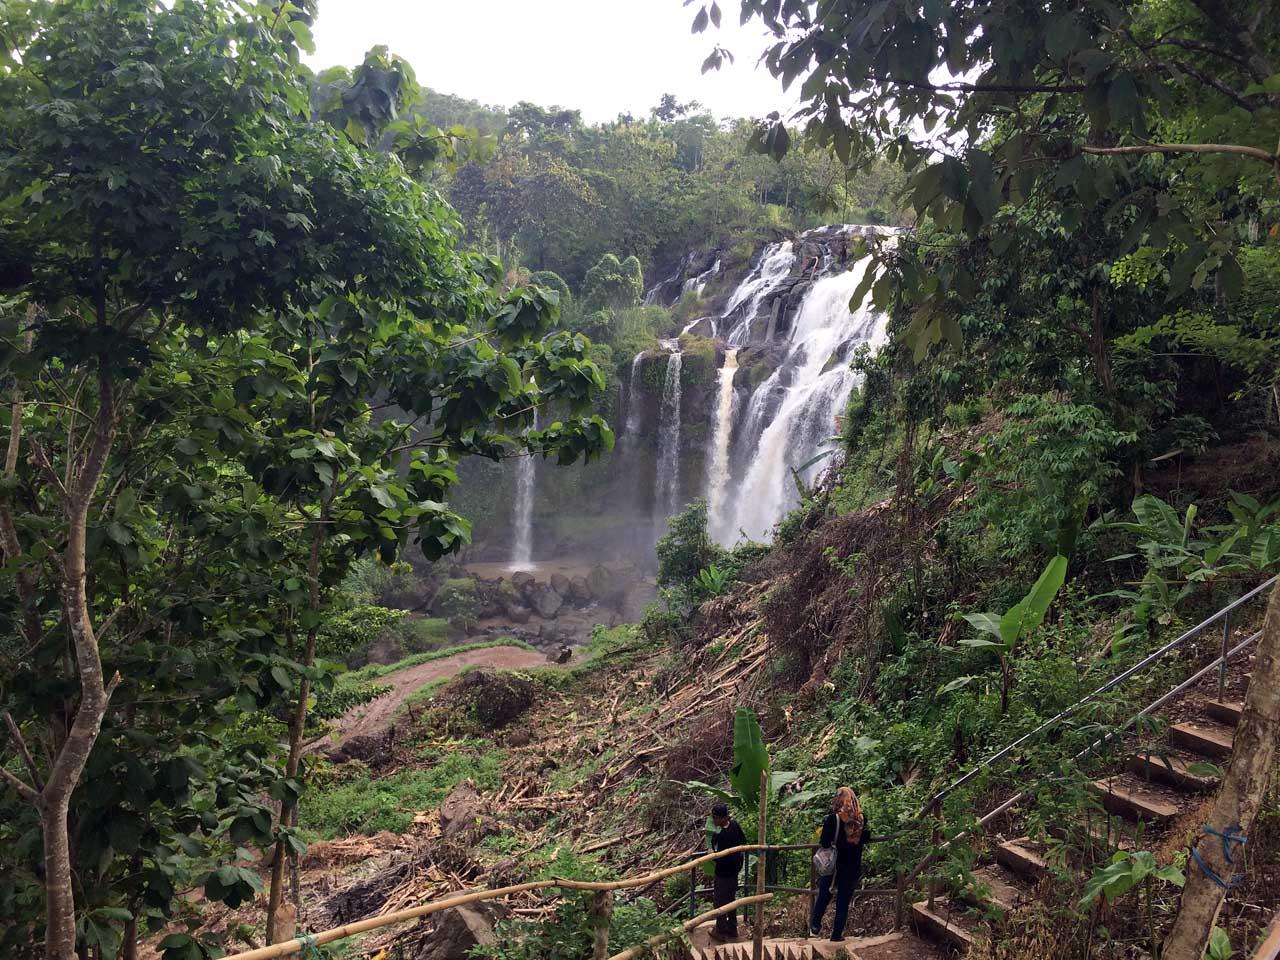 Curup Gangsa - tempat wisata air terjun - keliling lampung - kamera iphone 5s